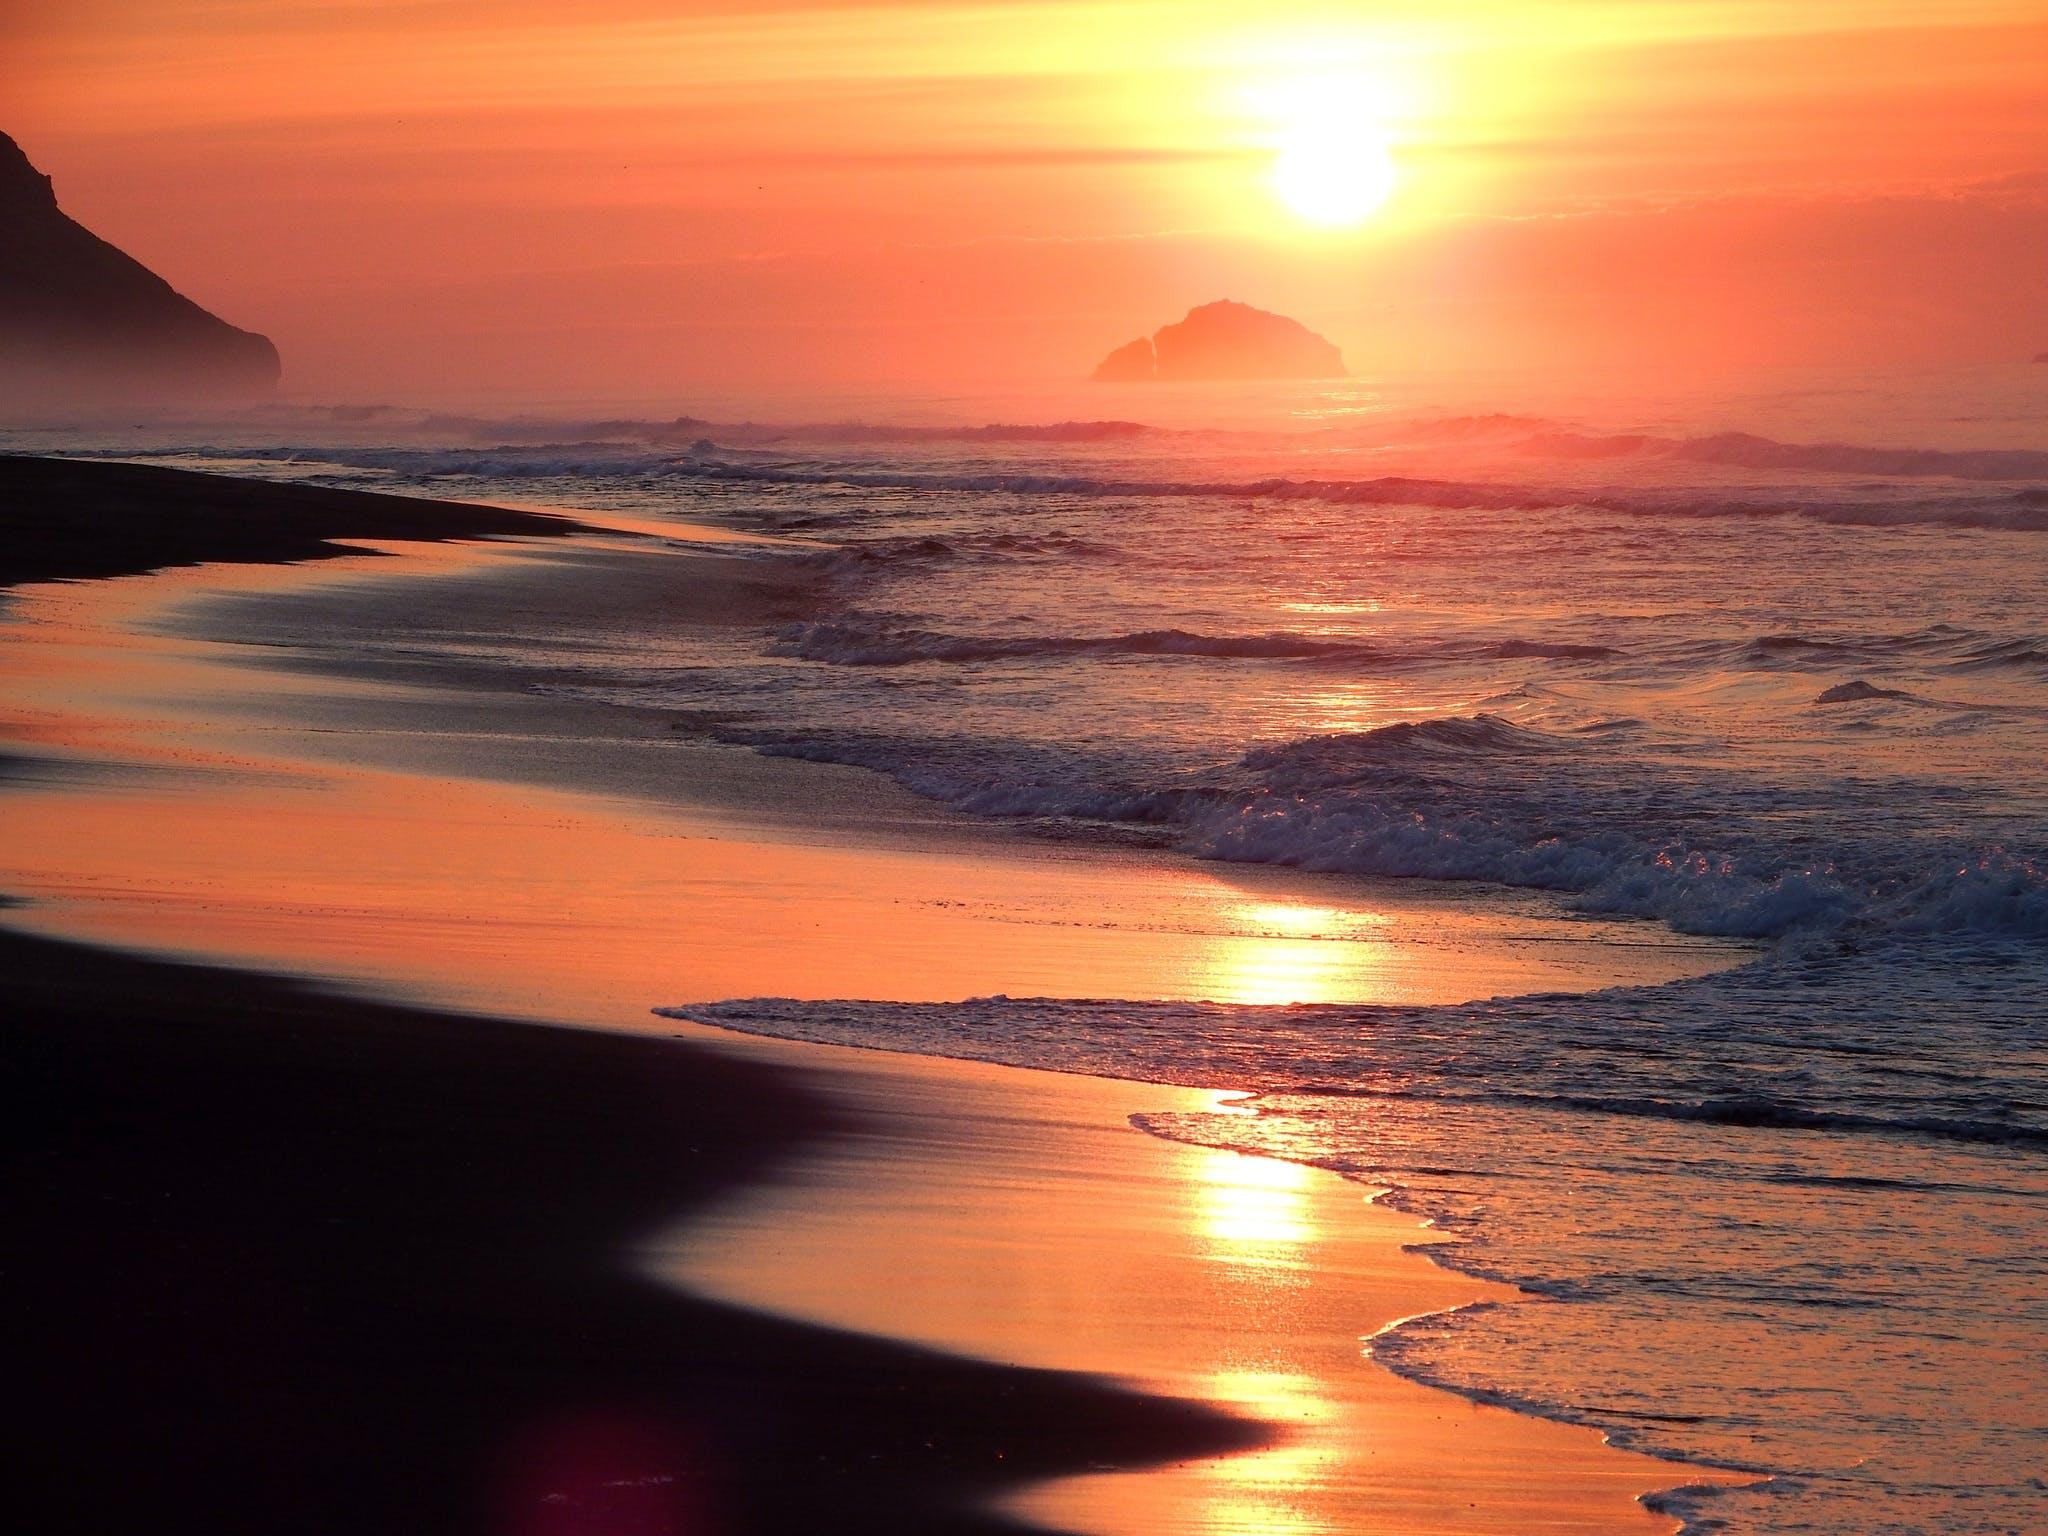 Δωρεάν στοκ φωτογραφιών με άμμος, Ανατολή ηλίου, αυγή, αφρός της θάλασσας